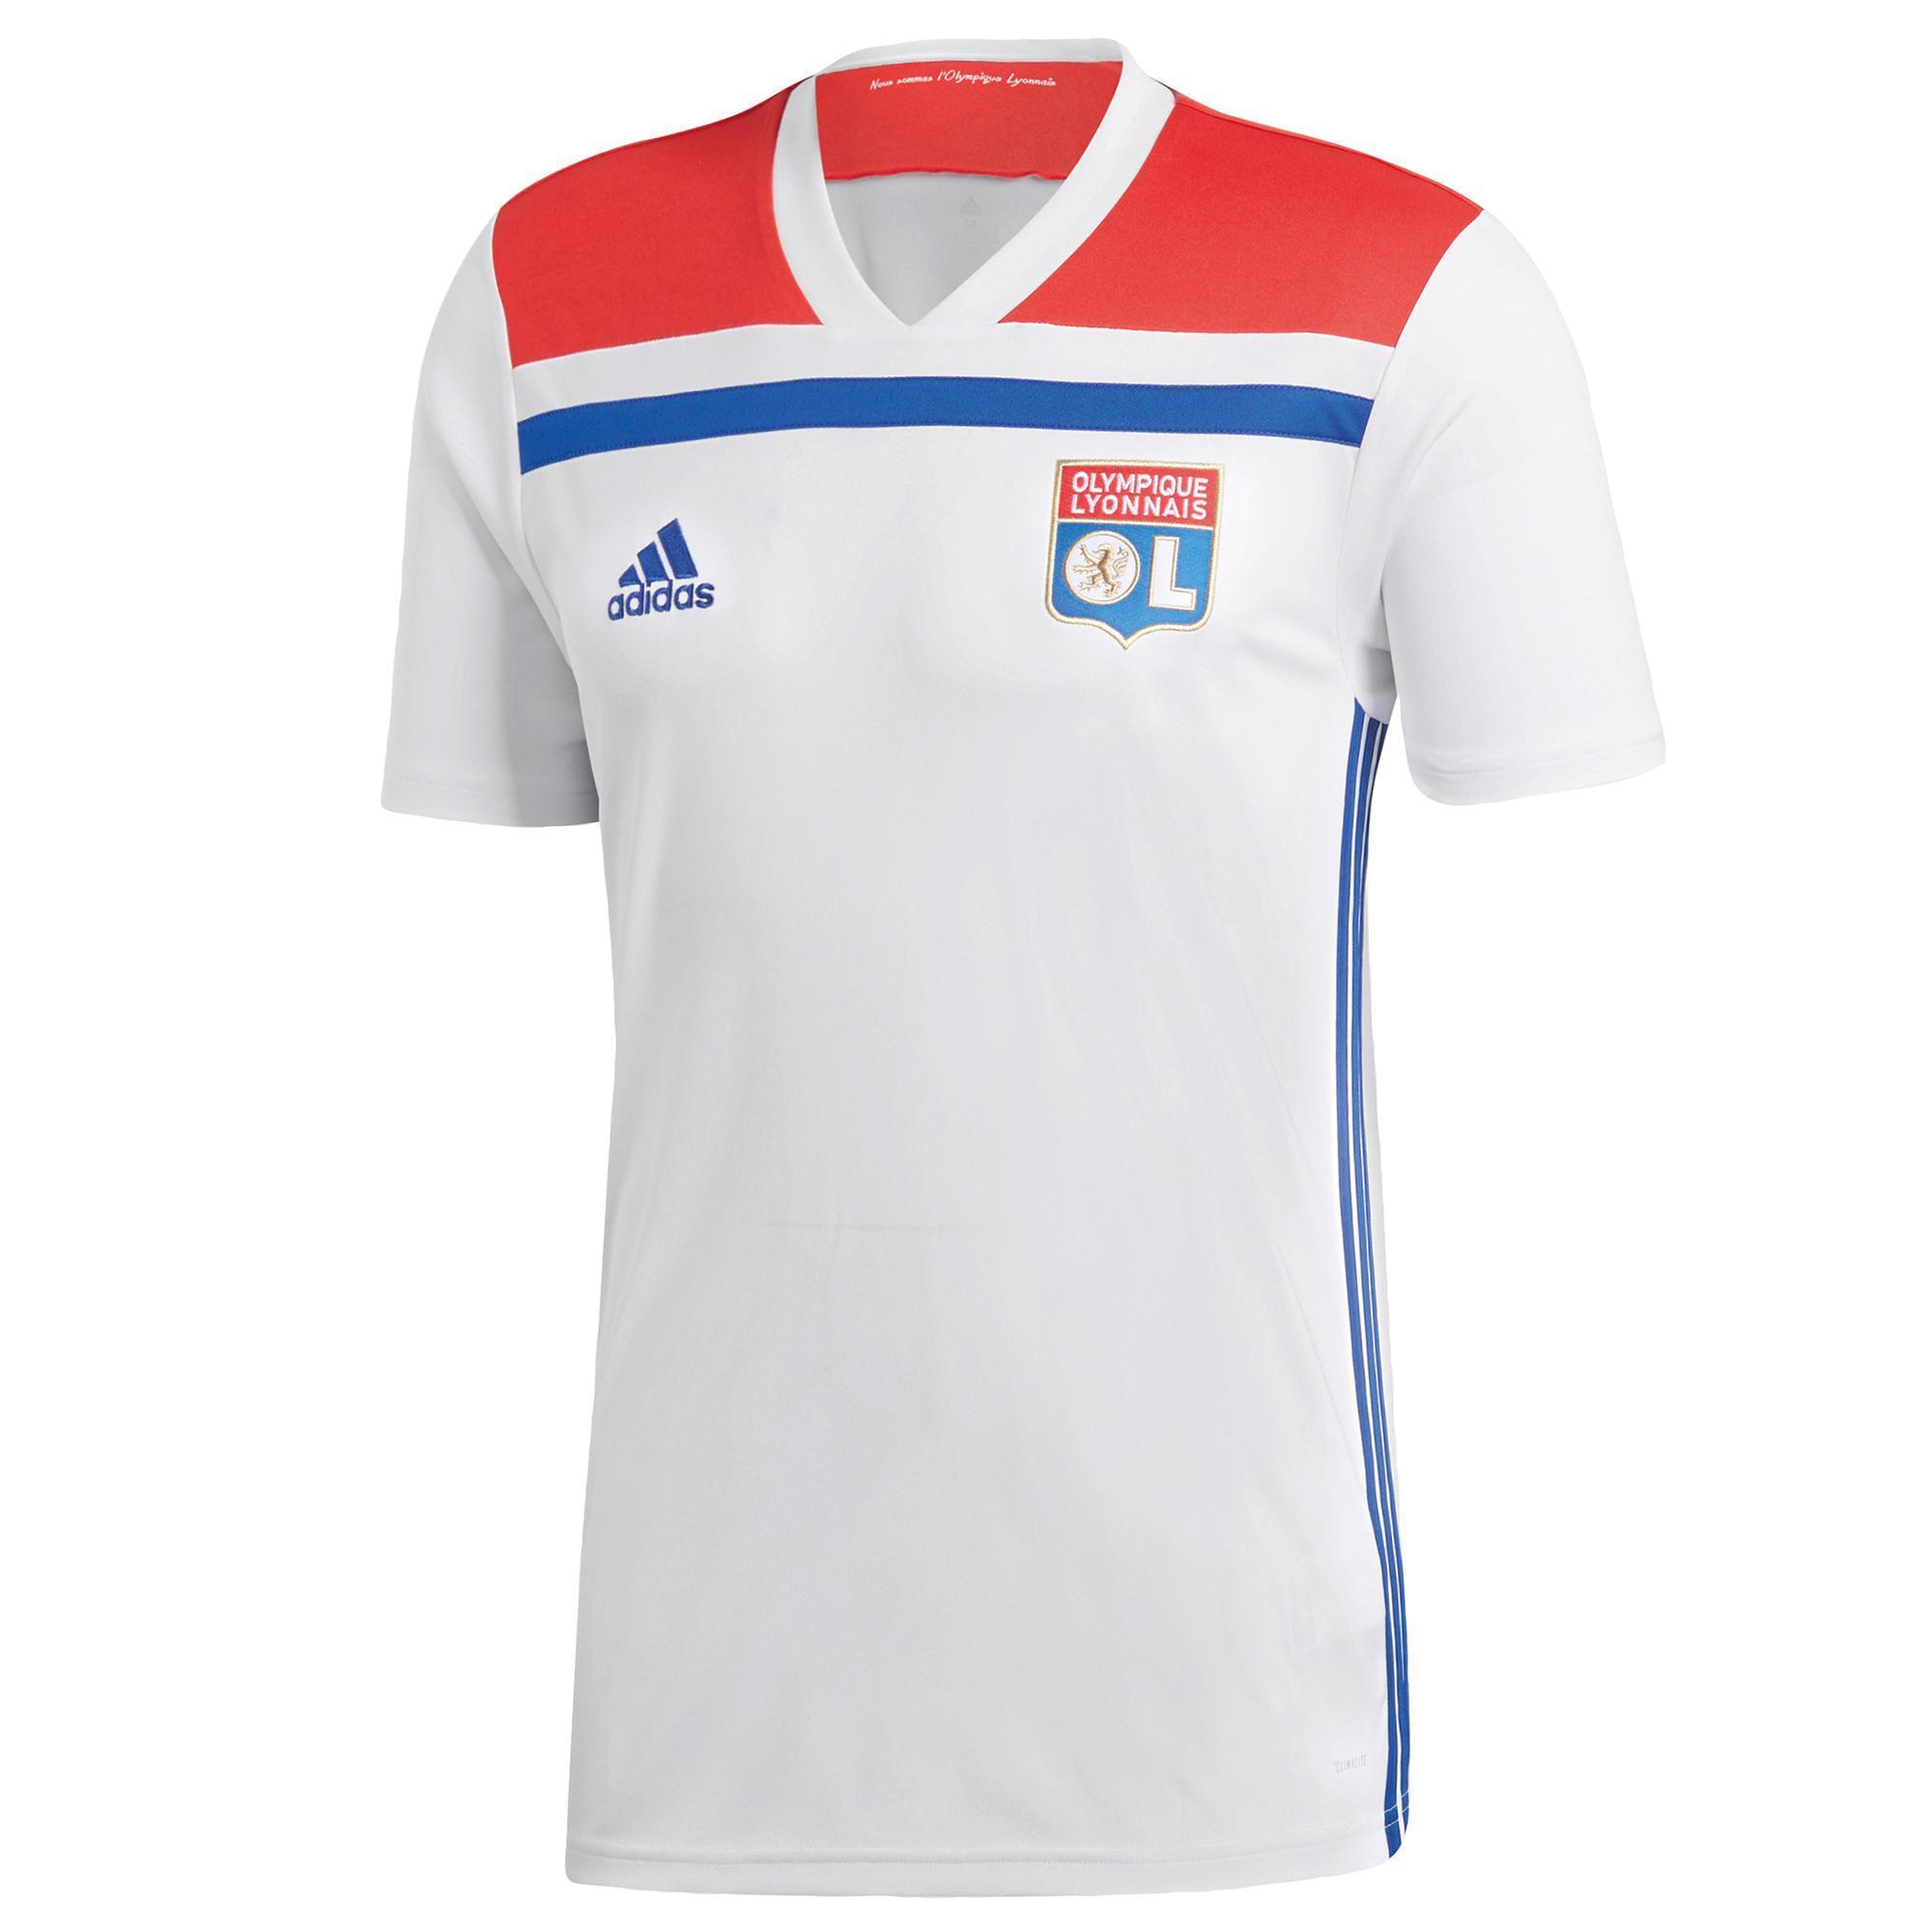 Camisetas Oficiales Selecciones y Equipos Fútbol  a962cd23aa04